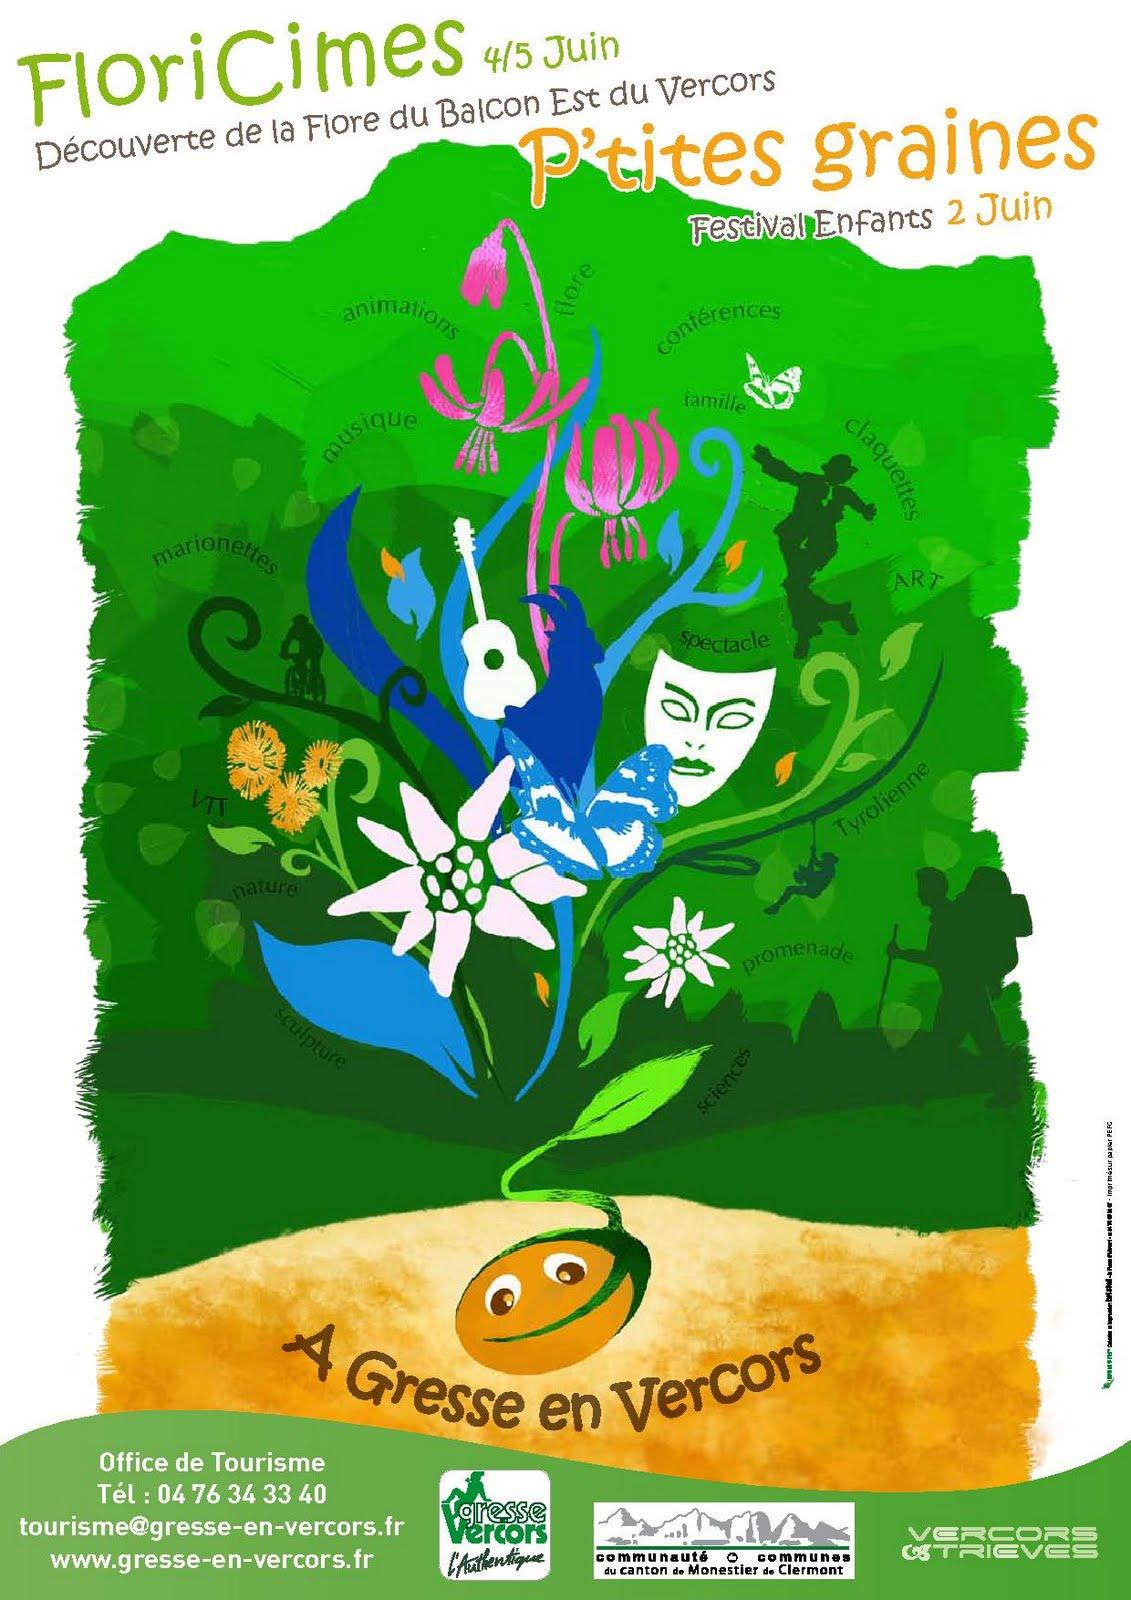 M mes grenoble festival p 39 tites graines gresse en vercors - Office de tourisme de gresse en vercors ...